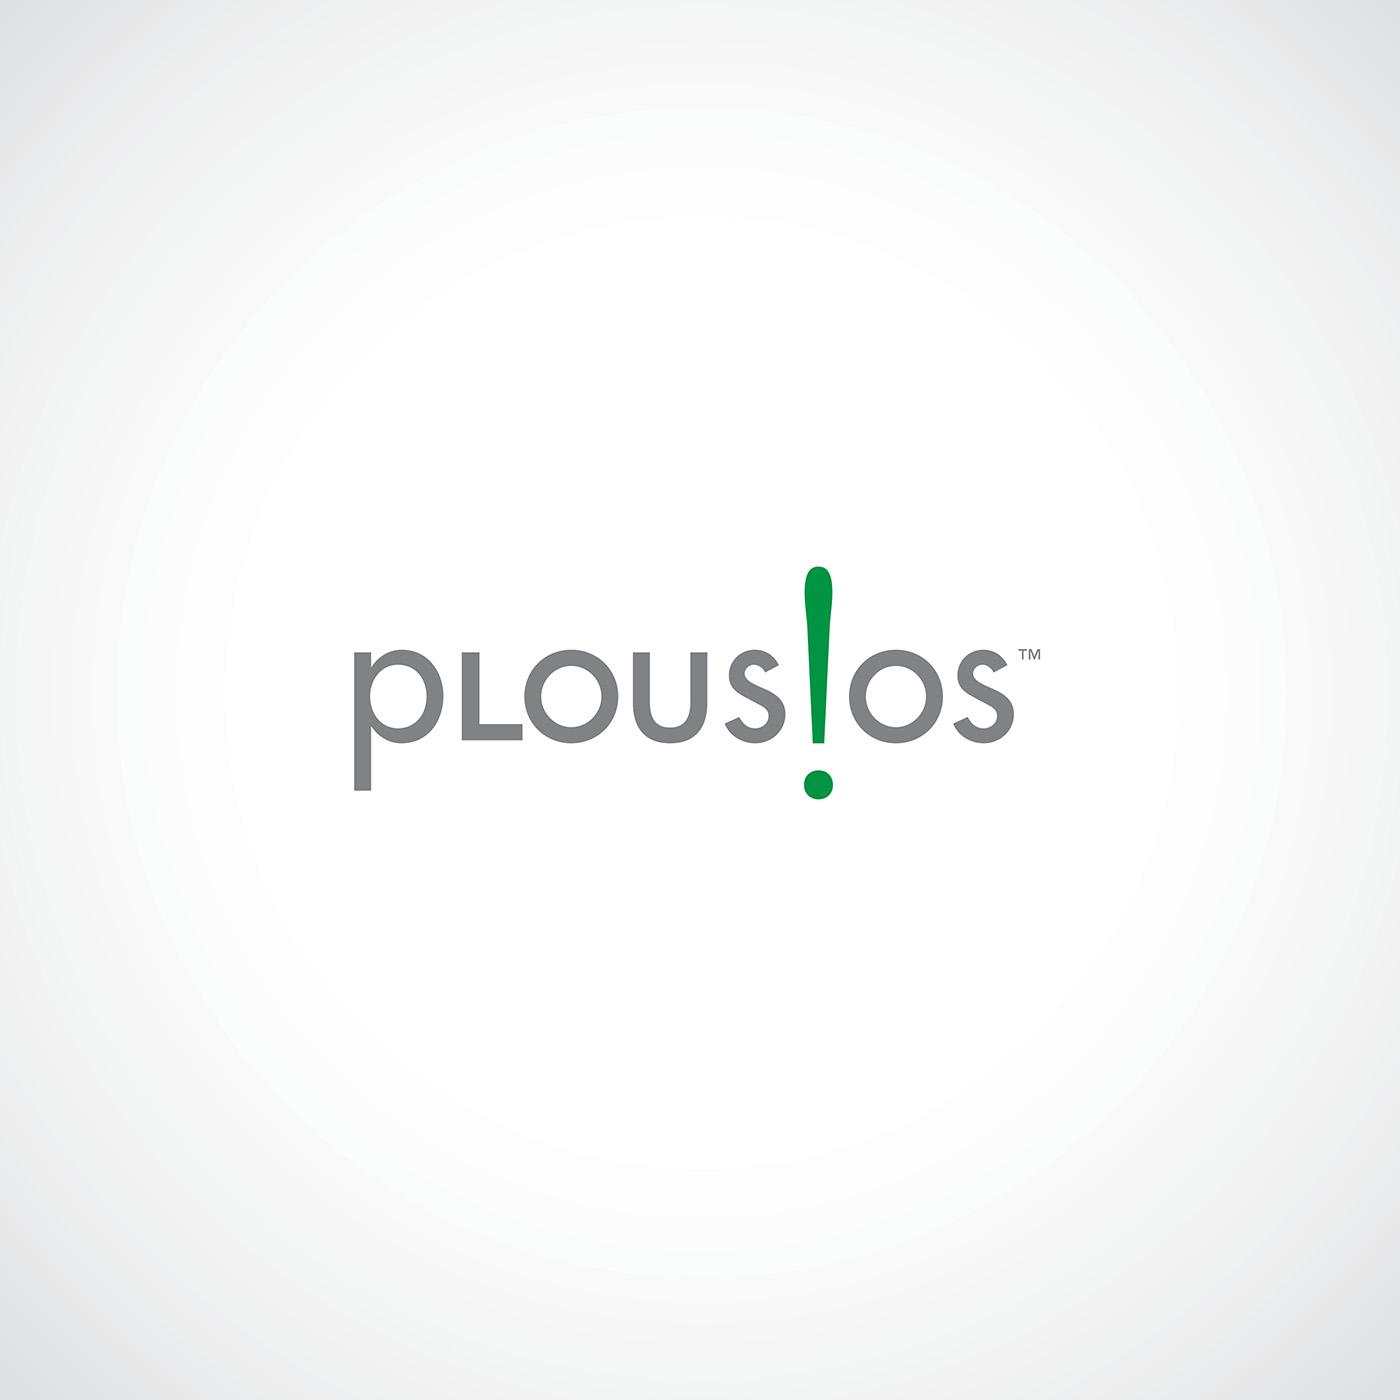 Plousios